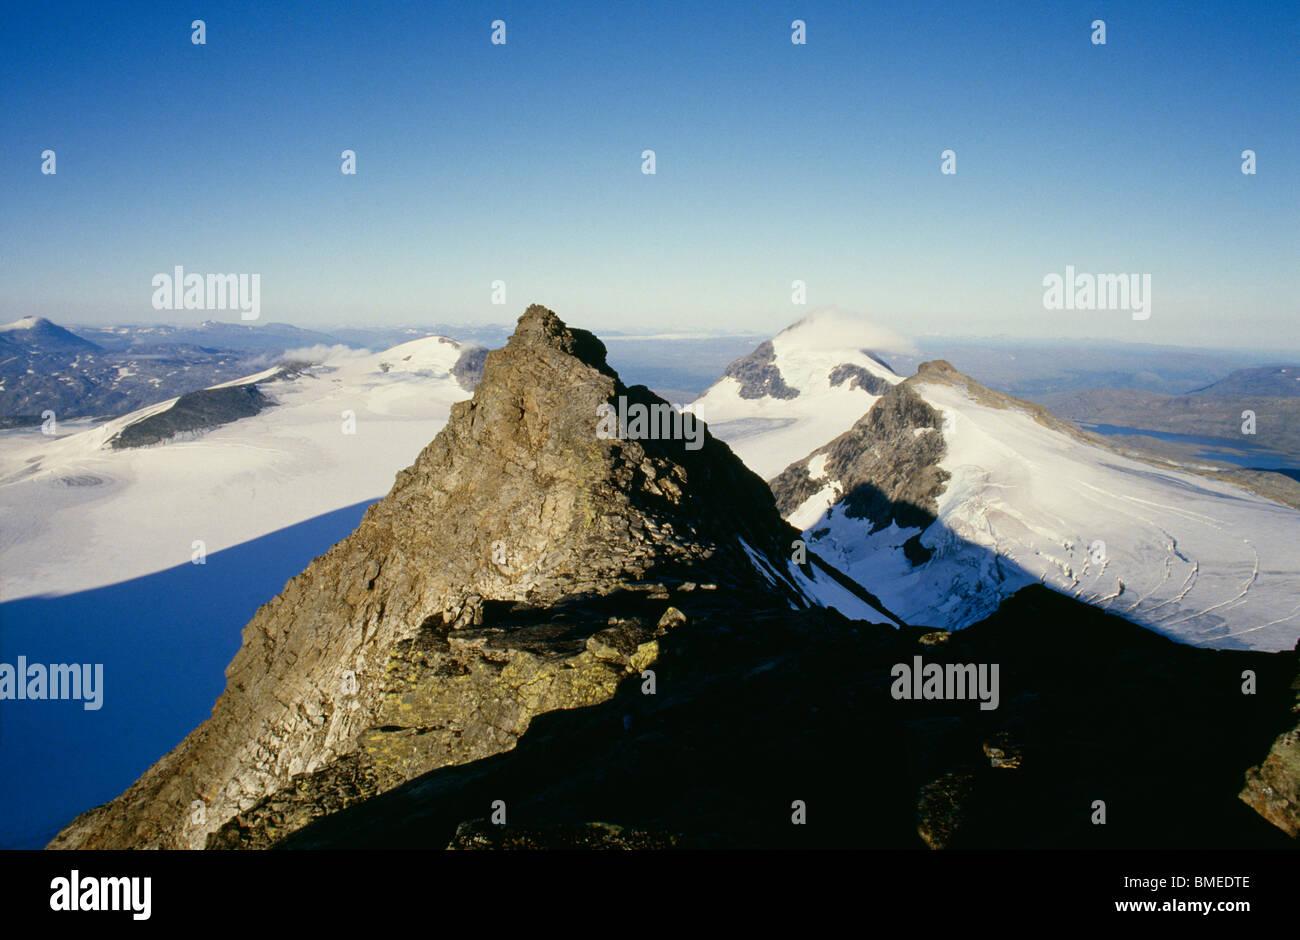 Avis de sommets de montagnes couvertes de neige Photo Stock